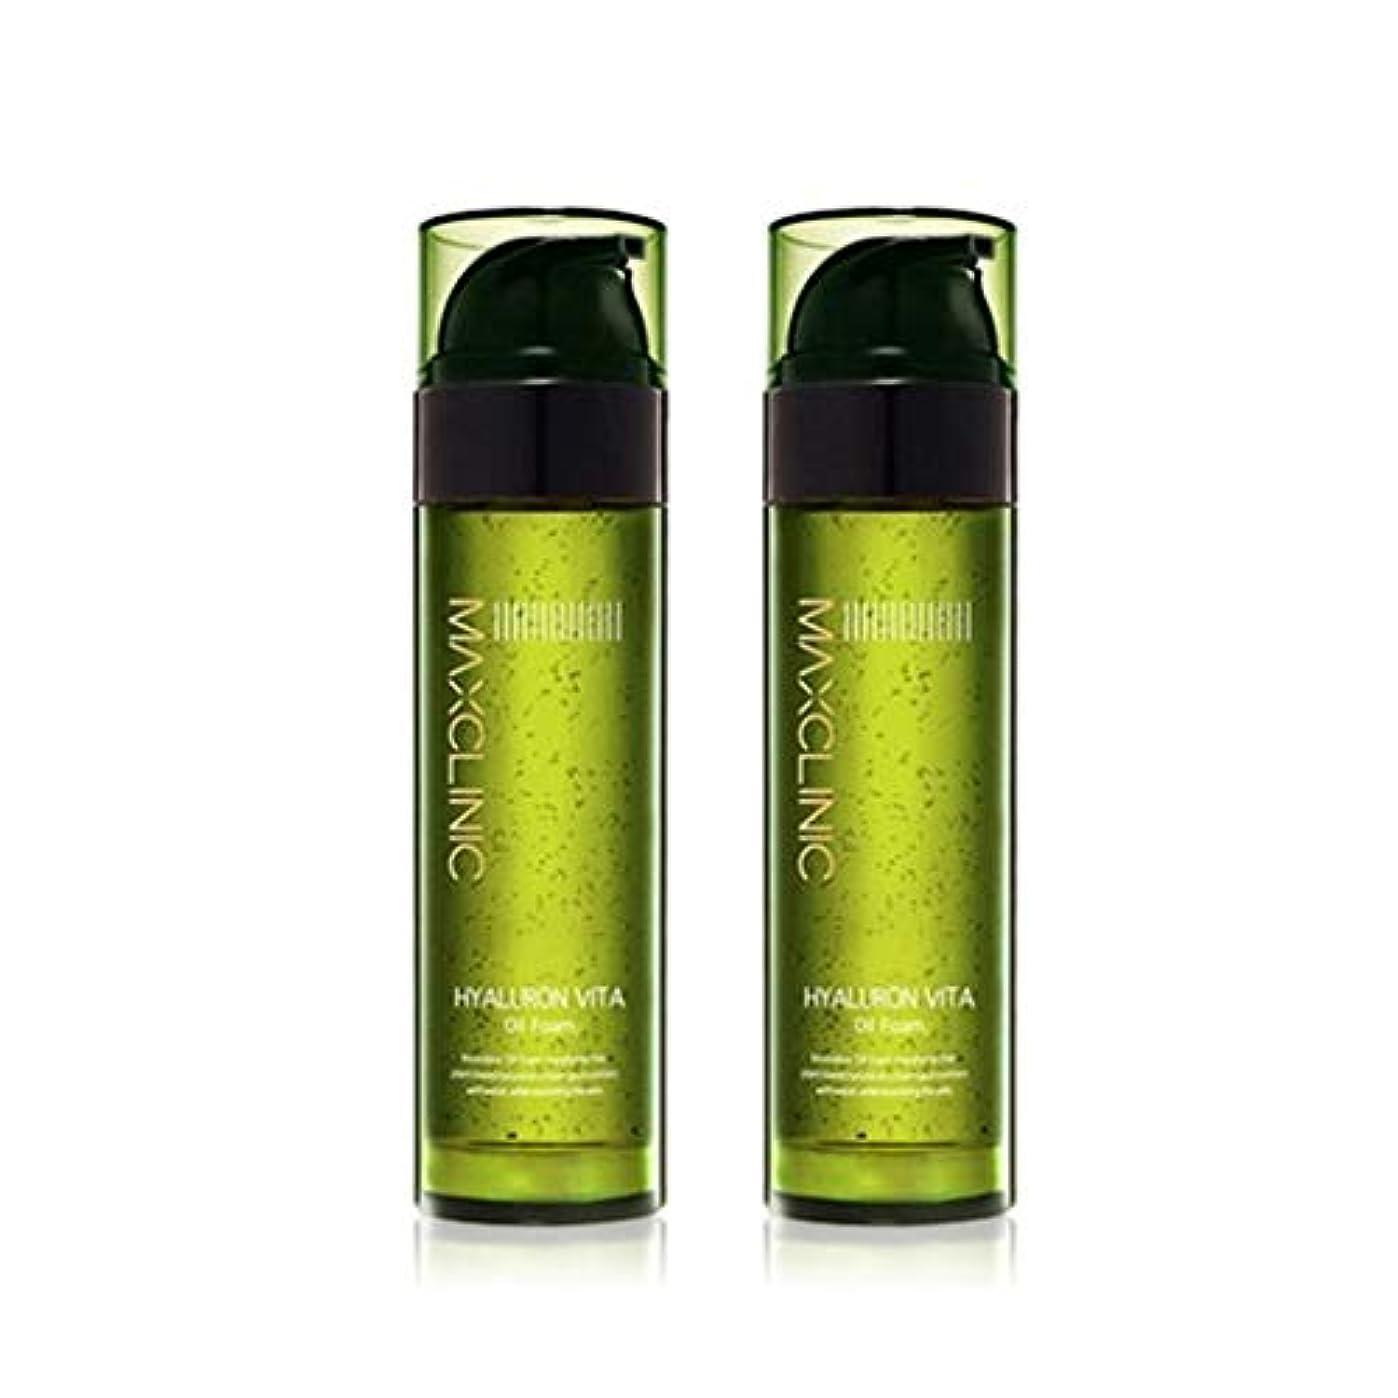 イル下位アシスタントマックスクリニックヒアルロンヴィータオイルフォーム110gx2本セット韓国コスメ、Maxclinic Hyaluronic Acid Vita Oil Foam 110g x 2ea Set Korean Cosmetics...